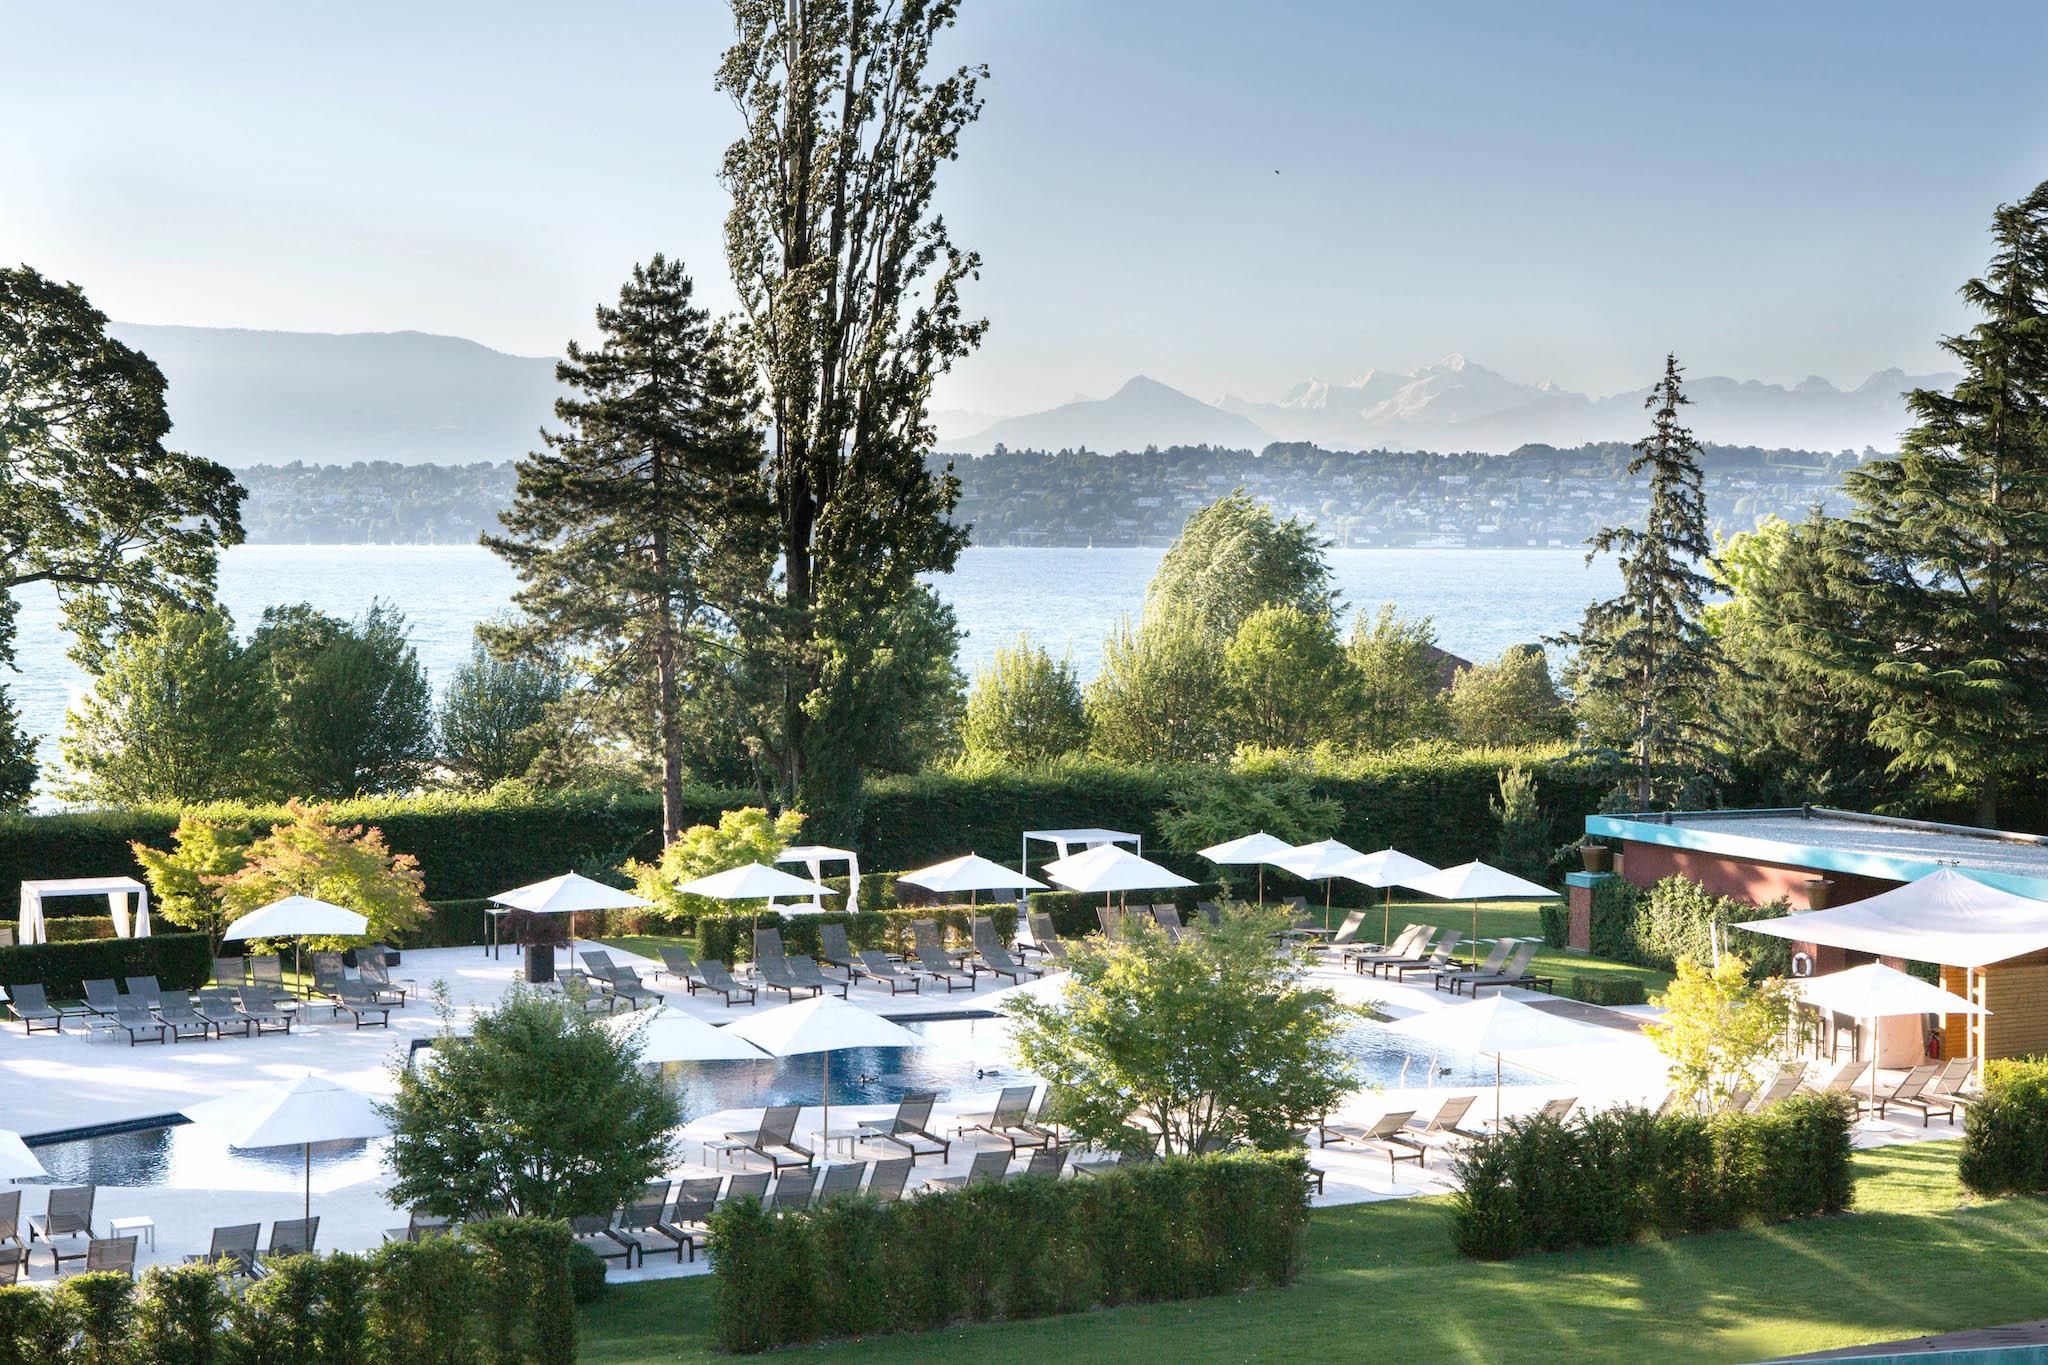 La Réserve Genève Hotel, Spa & Villa, for Swiss staycation feature